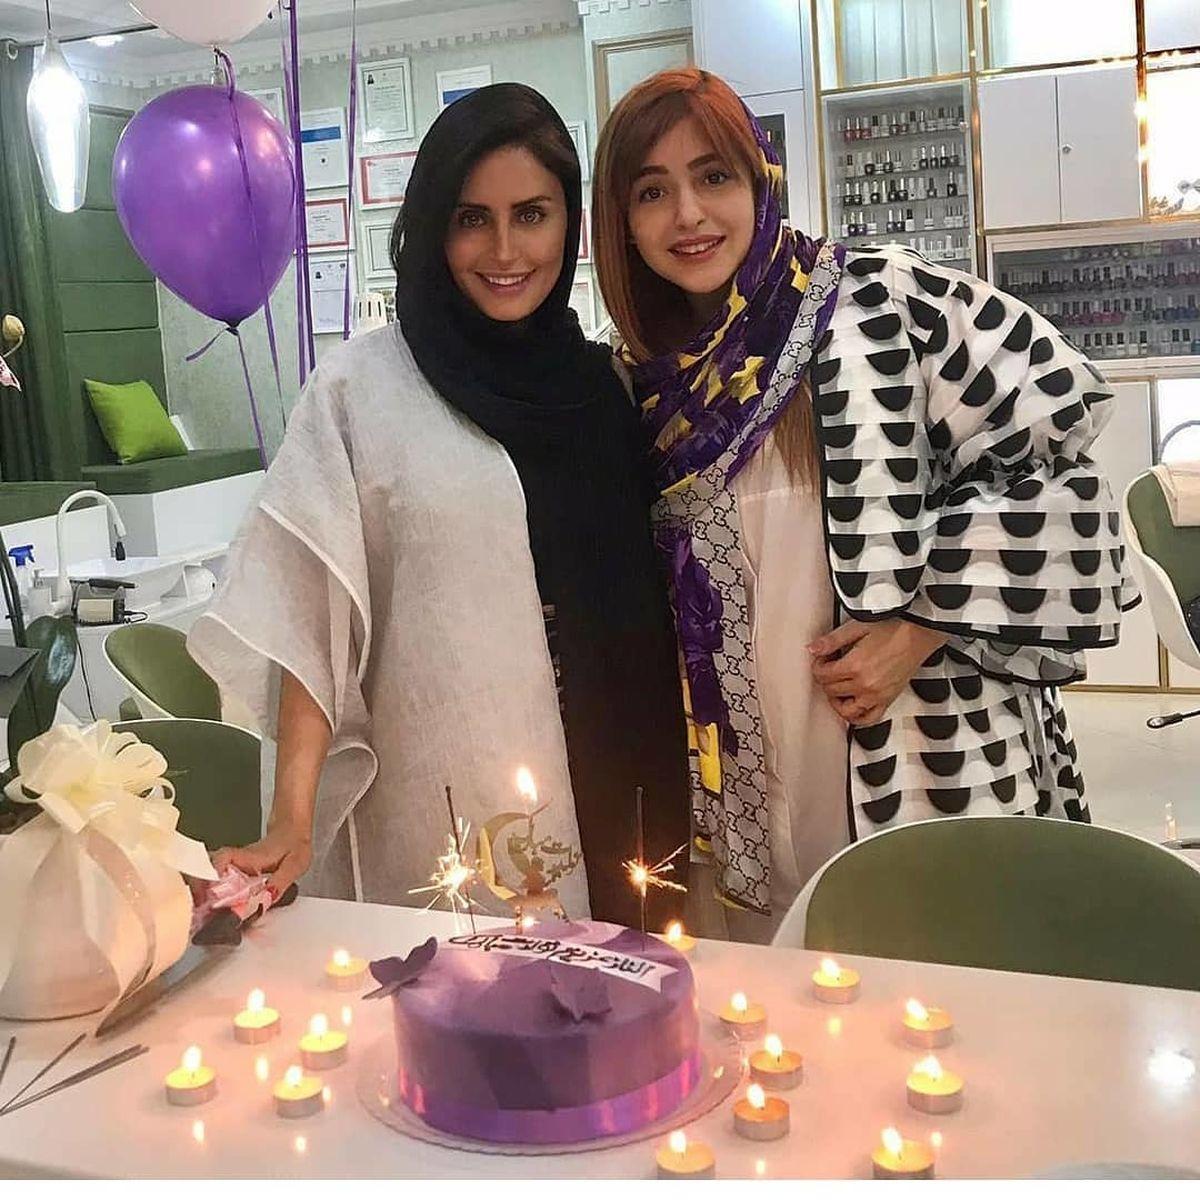 جشن تولد الناز شاکردوست در آرایشگاه + عکس